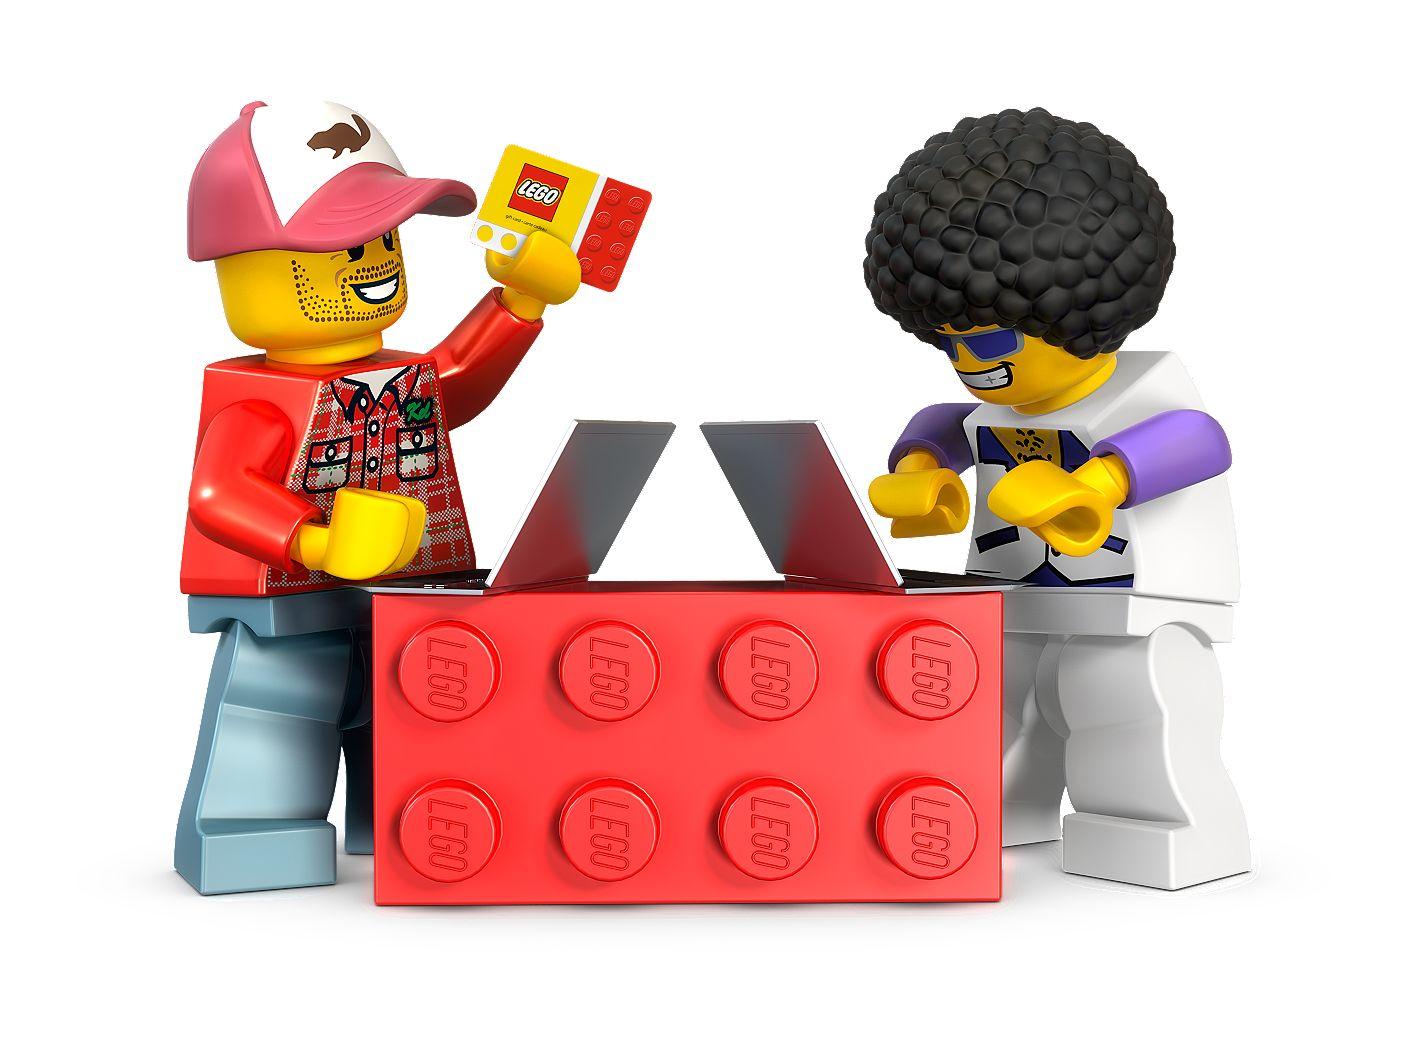 LEGO Gift Card